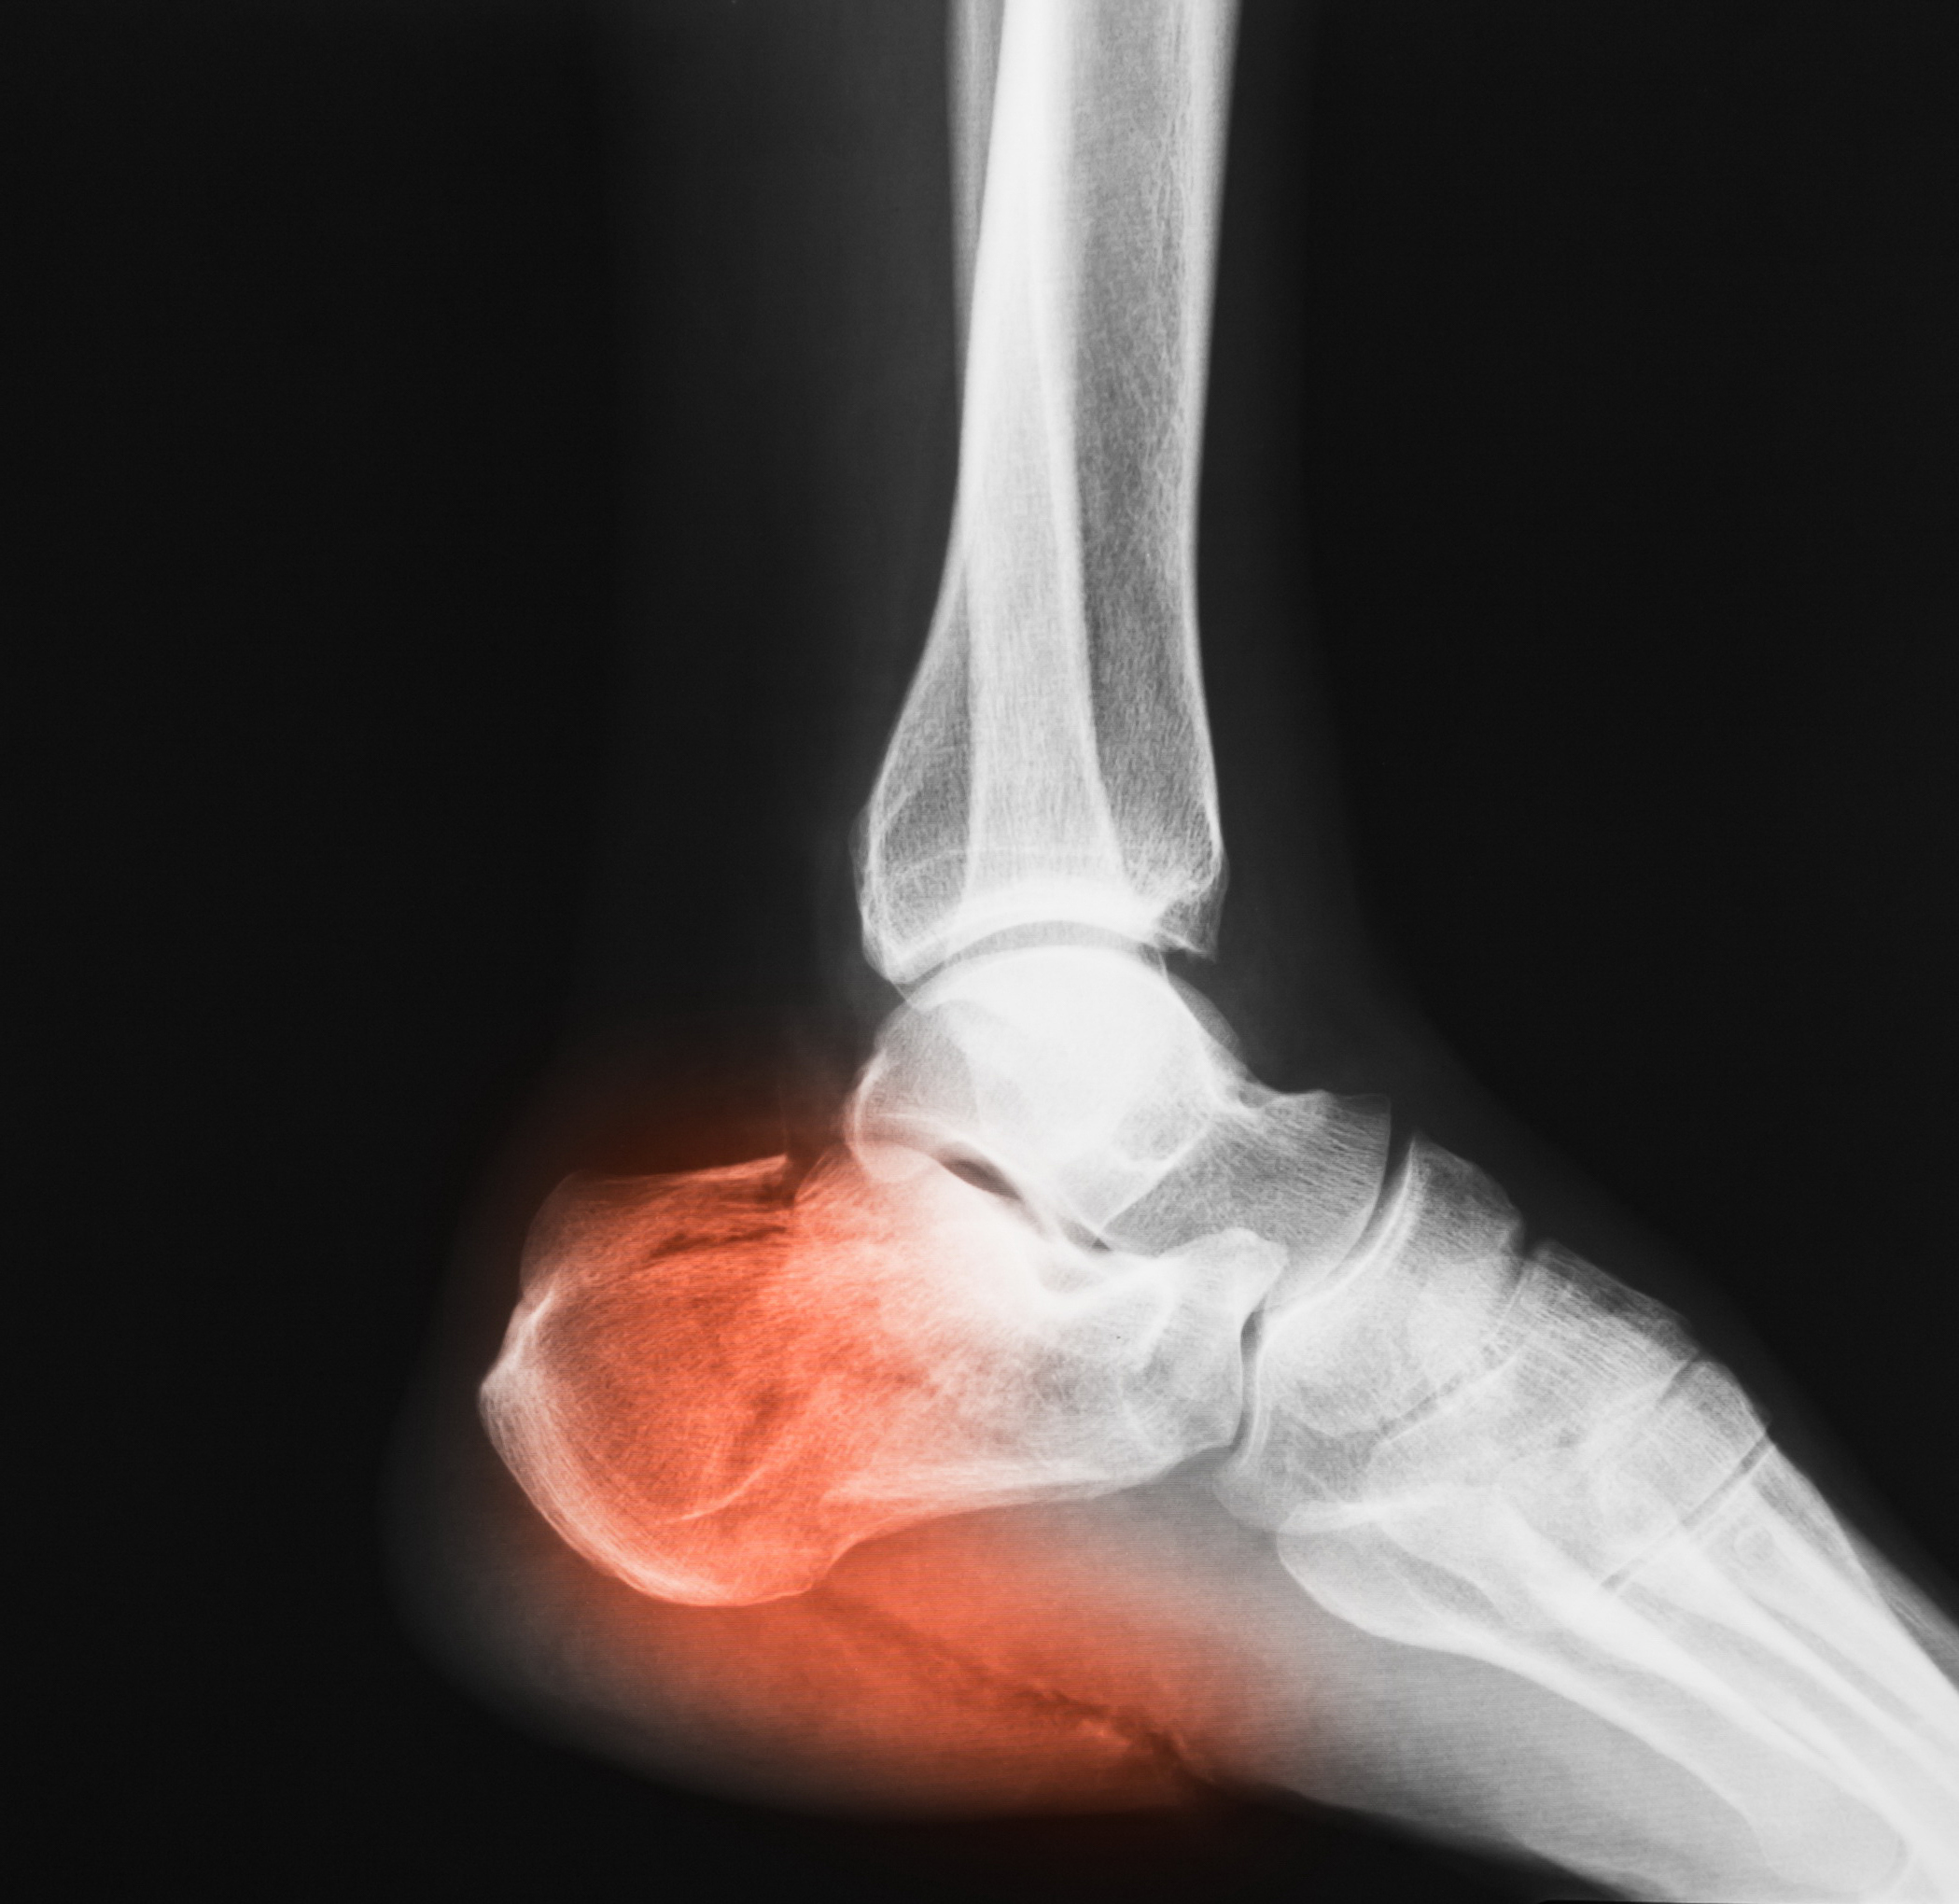 Triad Foot \u0026 Ankle Center